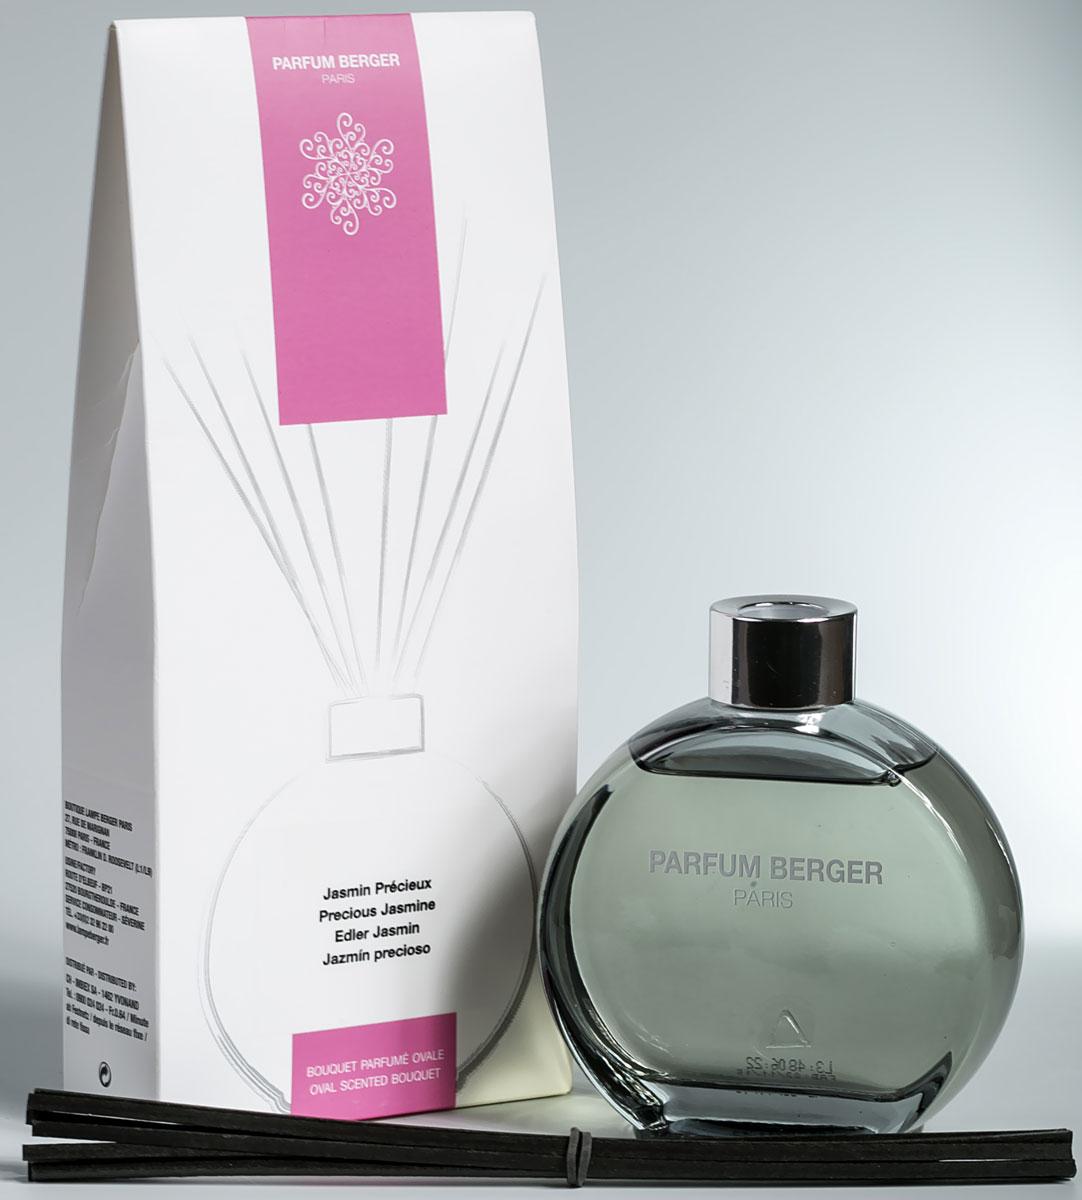 Диффузор ароматический Parfum Berger Царственный жасмин, 180 мл2000000047485Особенность диффузера Parfum Berger заключается в применении инновационных полимерных палочек, что эффективнее любых тростниковых в 5 раз. Остаточный эффект от аромажидкости остается в полимерных палочках еще на протяжении более 2-х недель и продолжает вас радовать, пока вы не дольете во флакон свой любимый аромат.Комплект состоит из подарочной коробочки, стеклянного, слегка тонированного в нежный графитовый цвет флакона объемом 180 мл, изысканной аромажидкости и комплекта полимерных палочек.